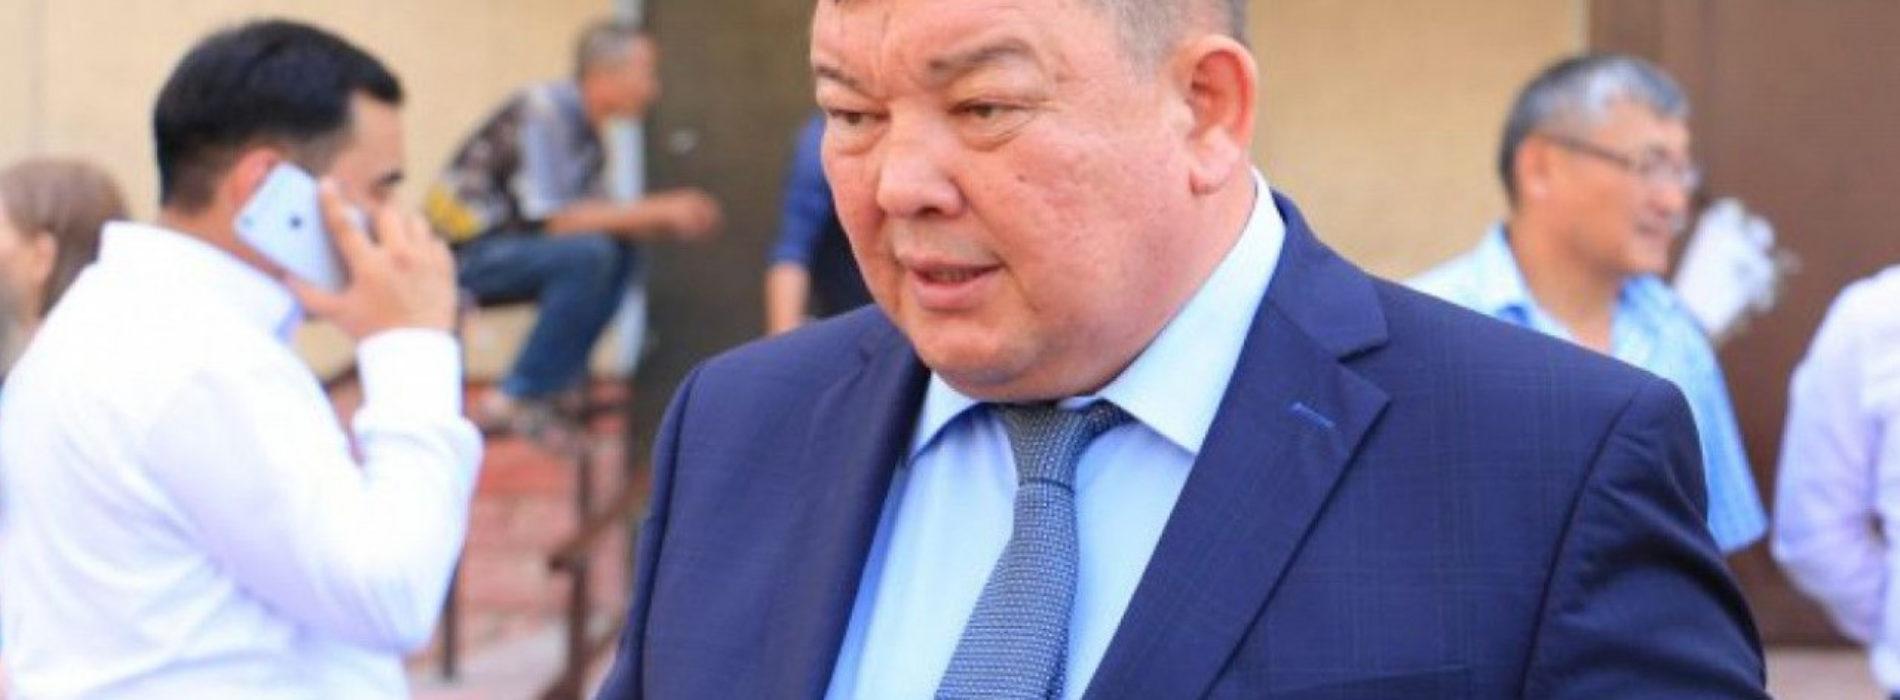 Багдат Манзоров прокомментировал свое освобождение